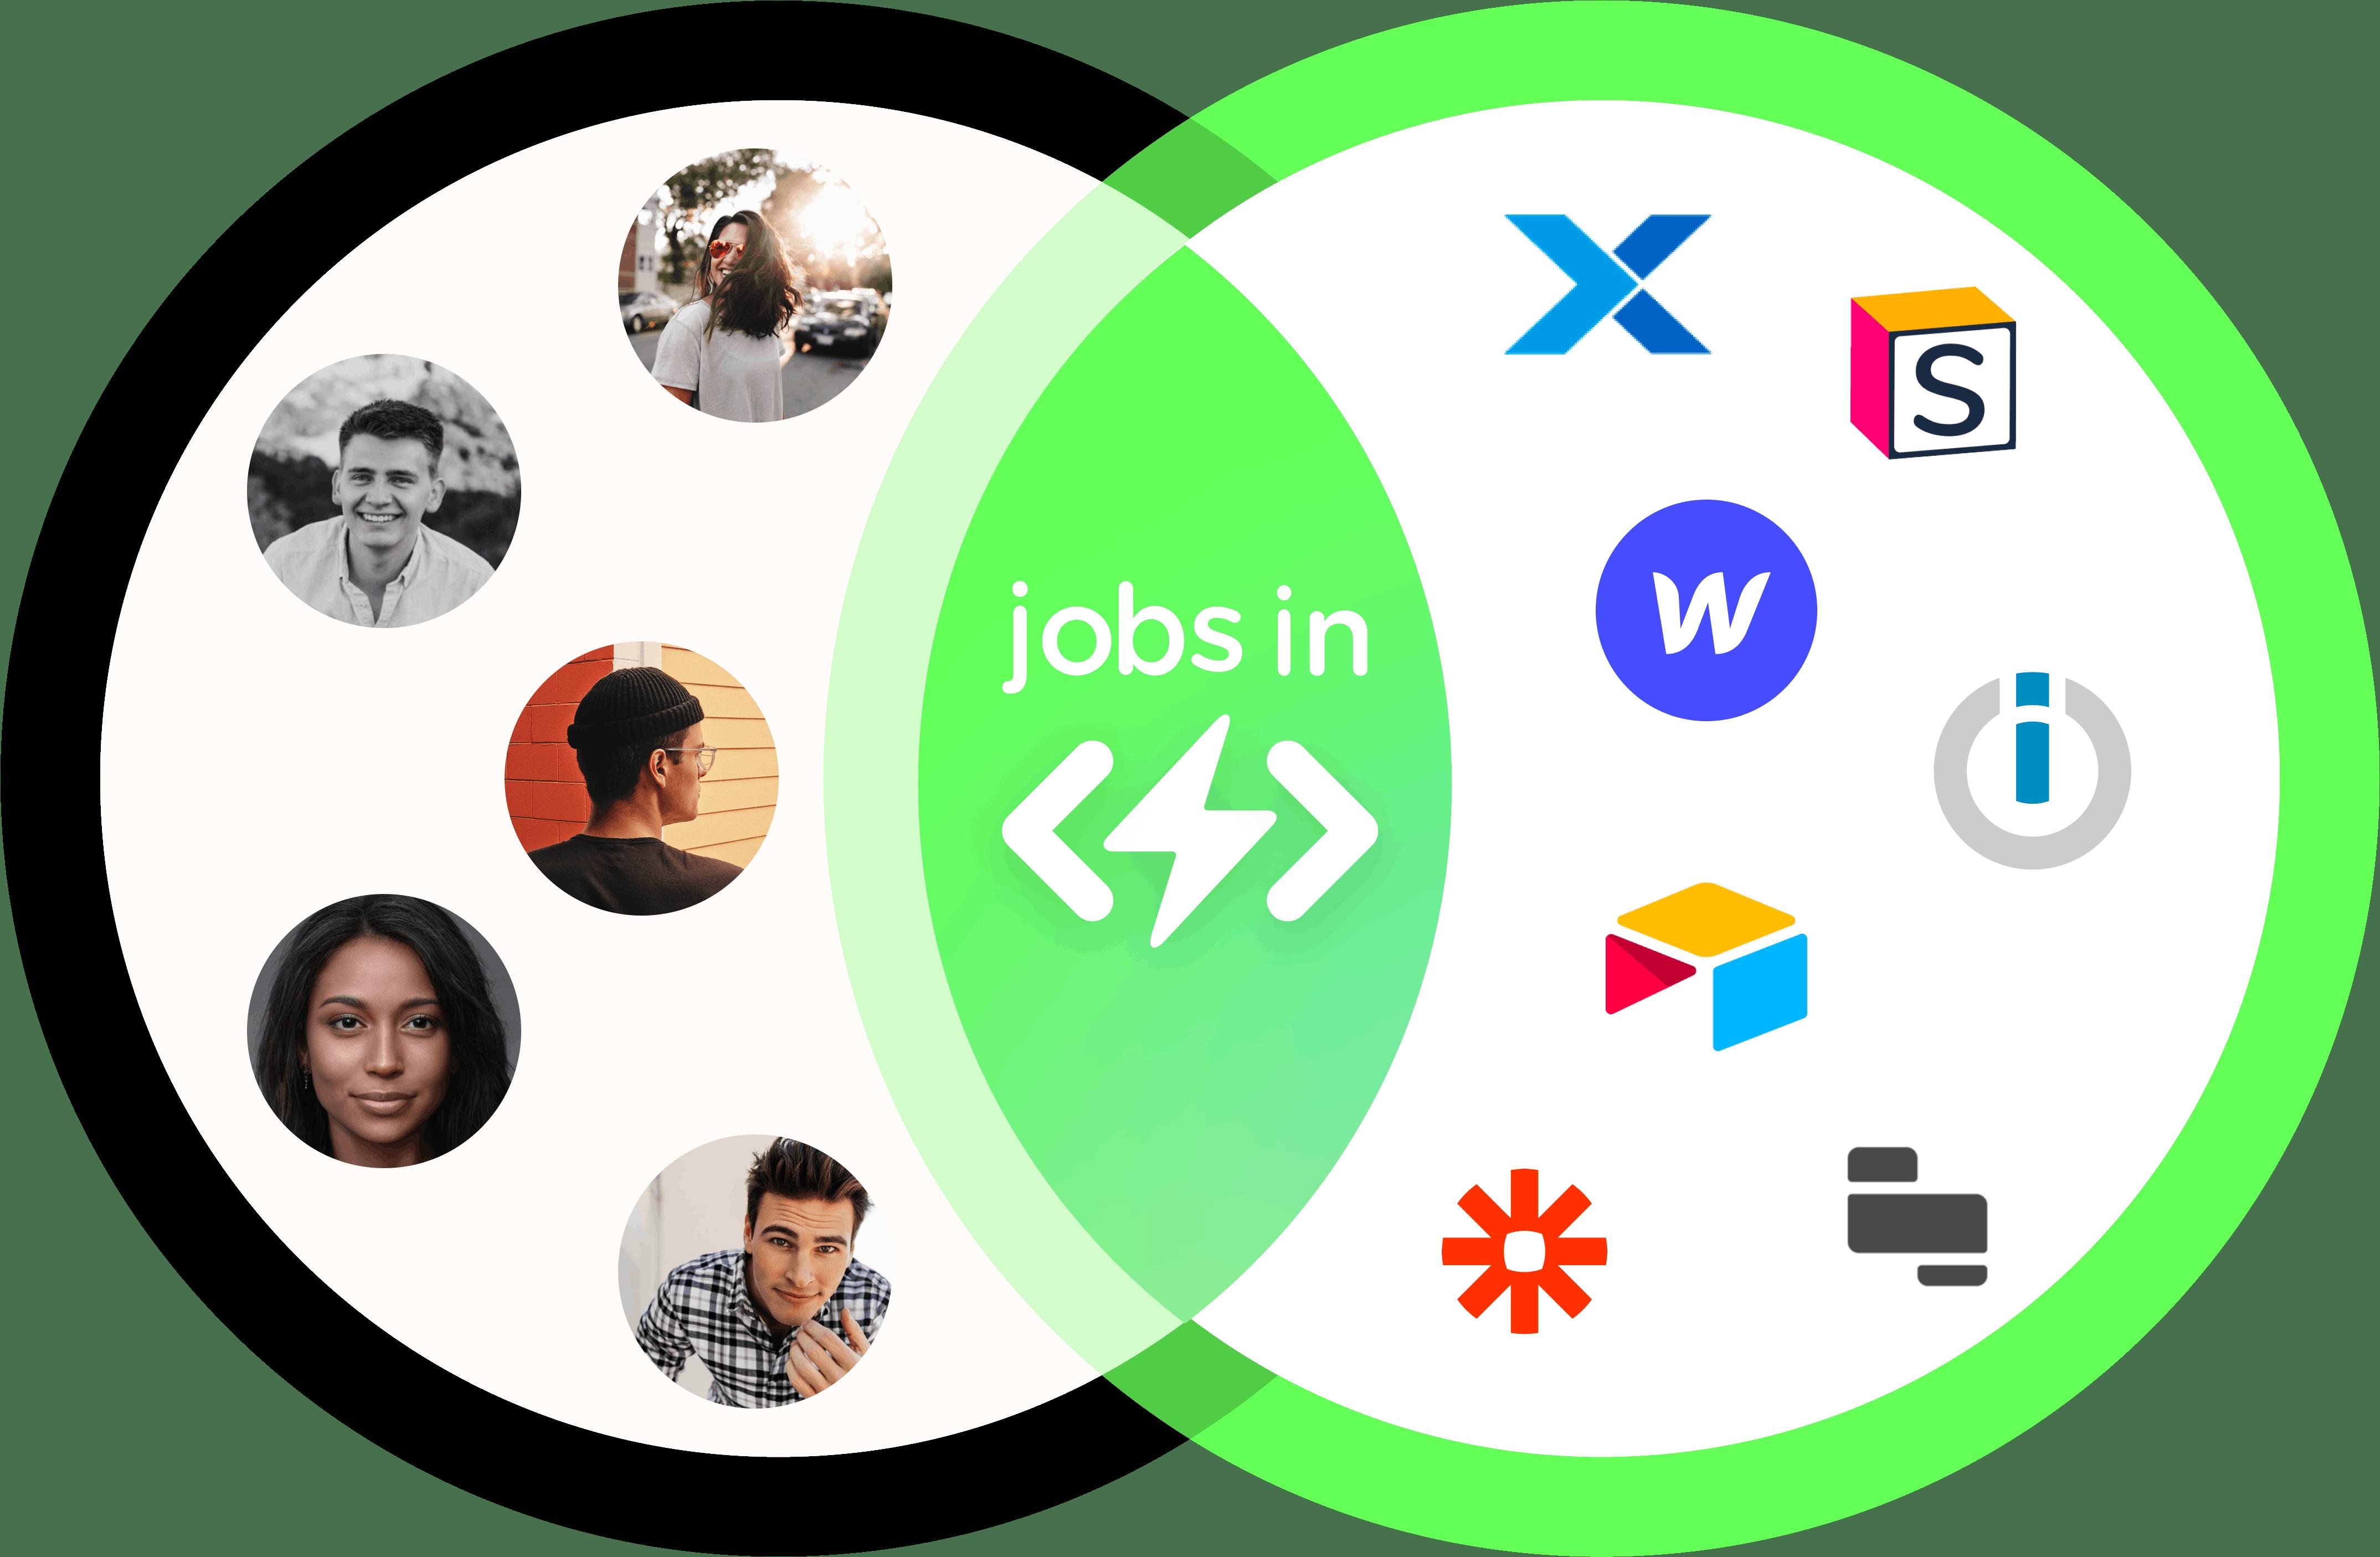 Jobs in Low Code